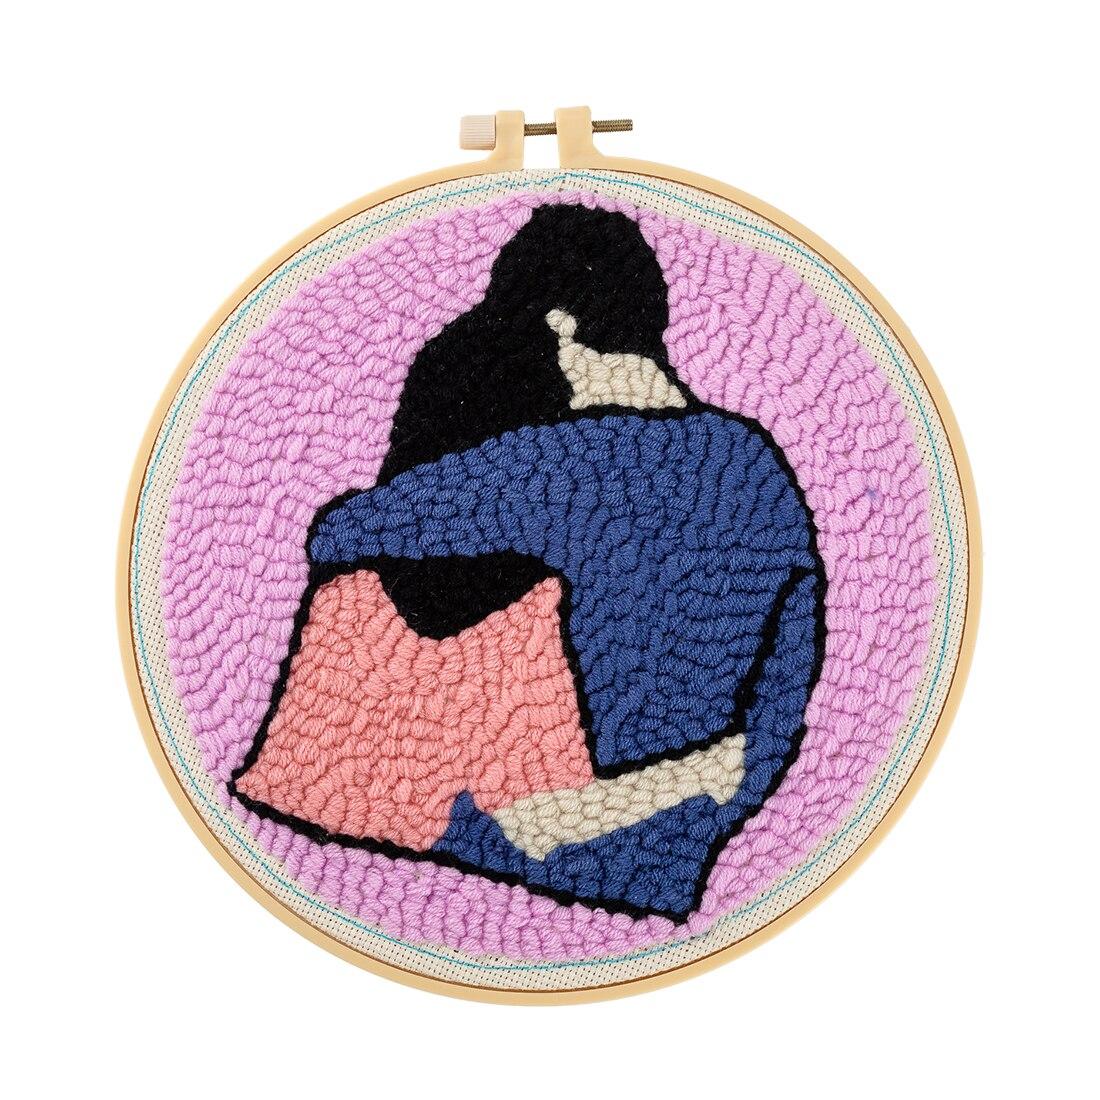 DIY Alfombra de lana de punto hecha a mano Kit de enganche hecho a mano Bordado de lana regalo creativo con 21cm marco punzón aguja-abrazo